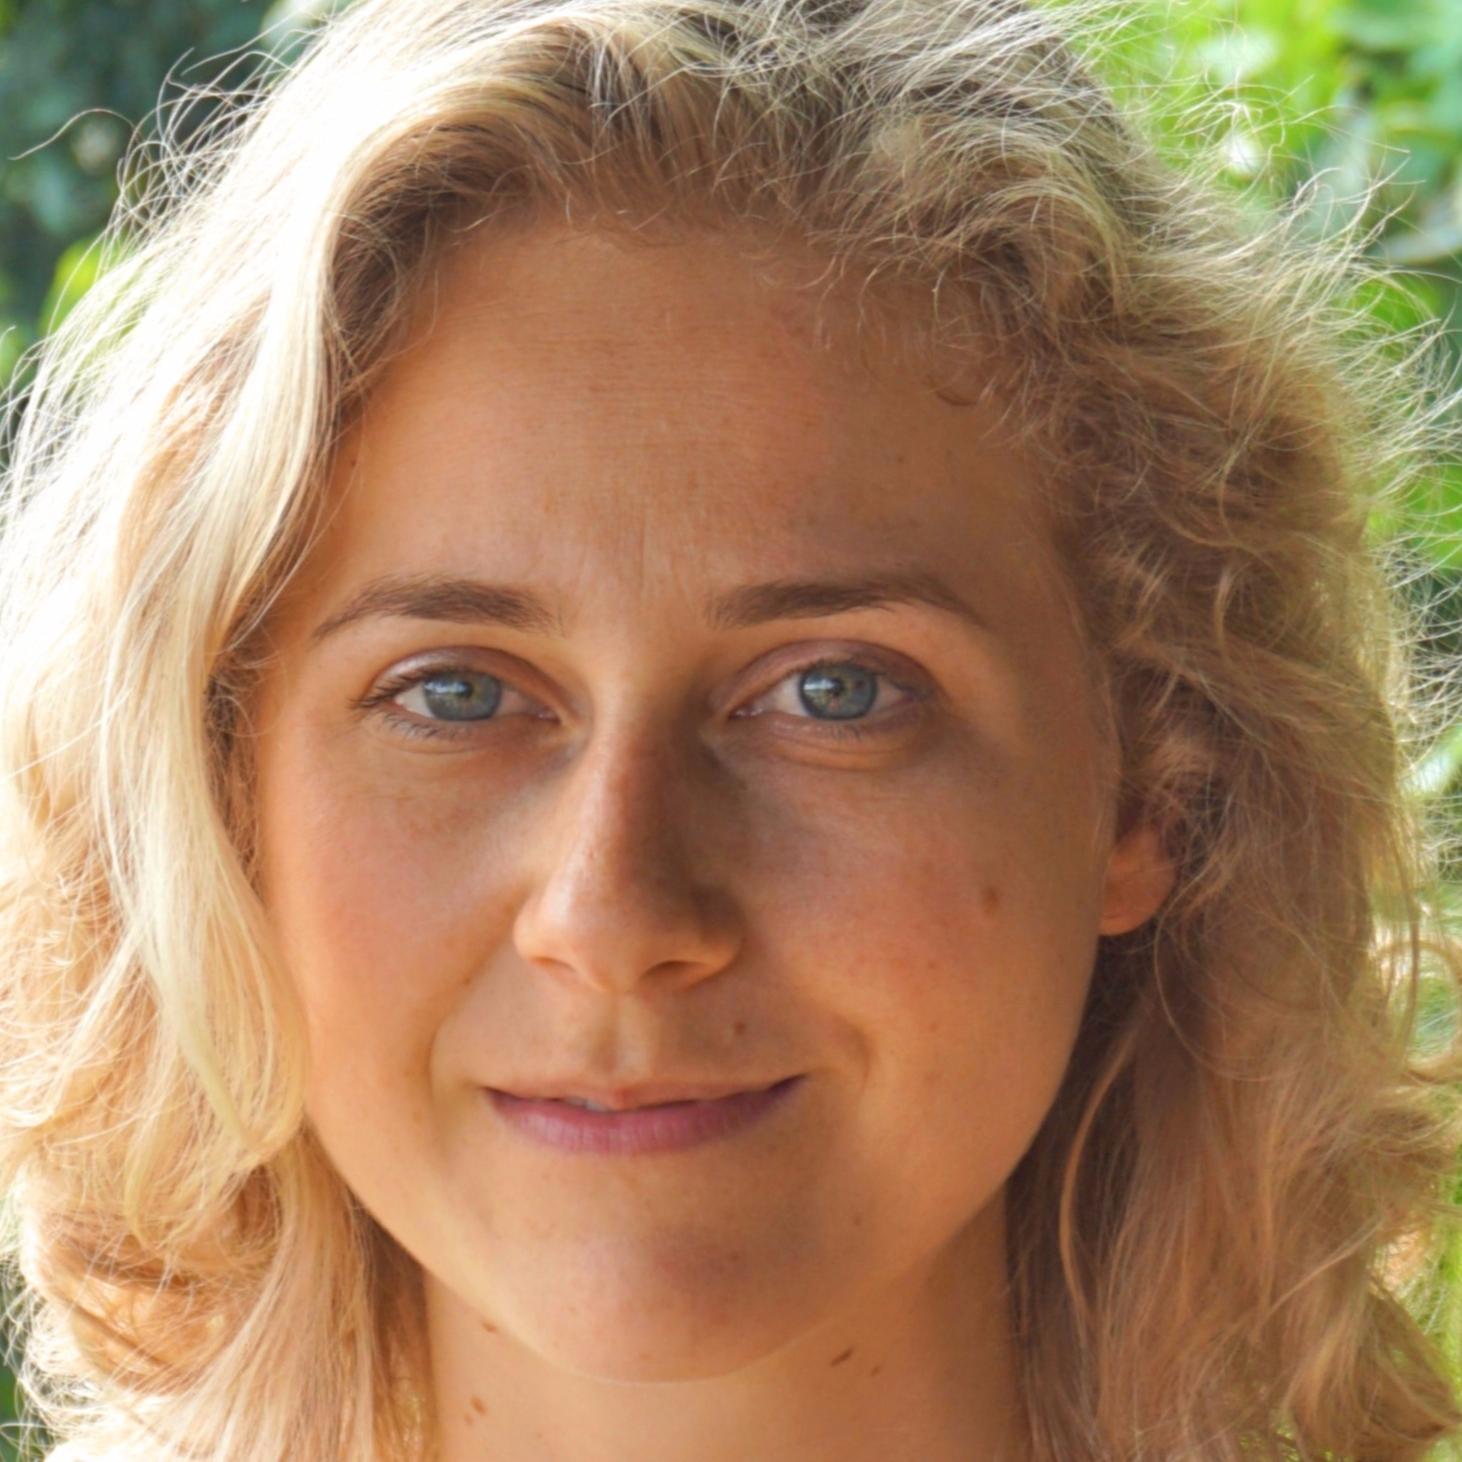 Amala Klep-Kremmel